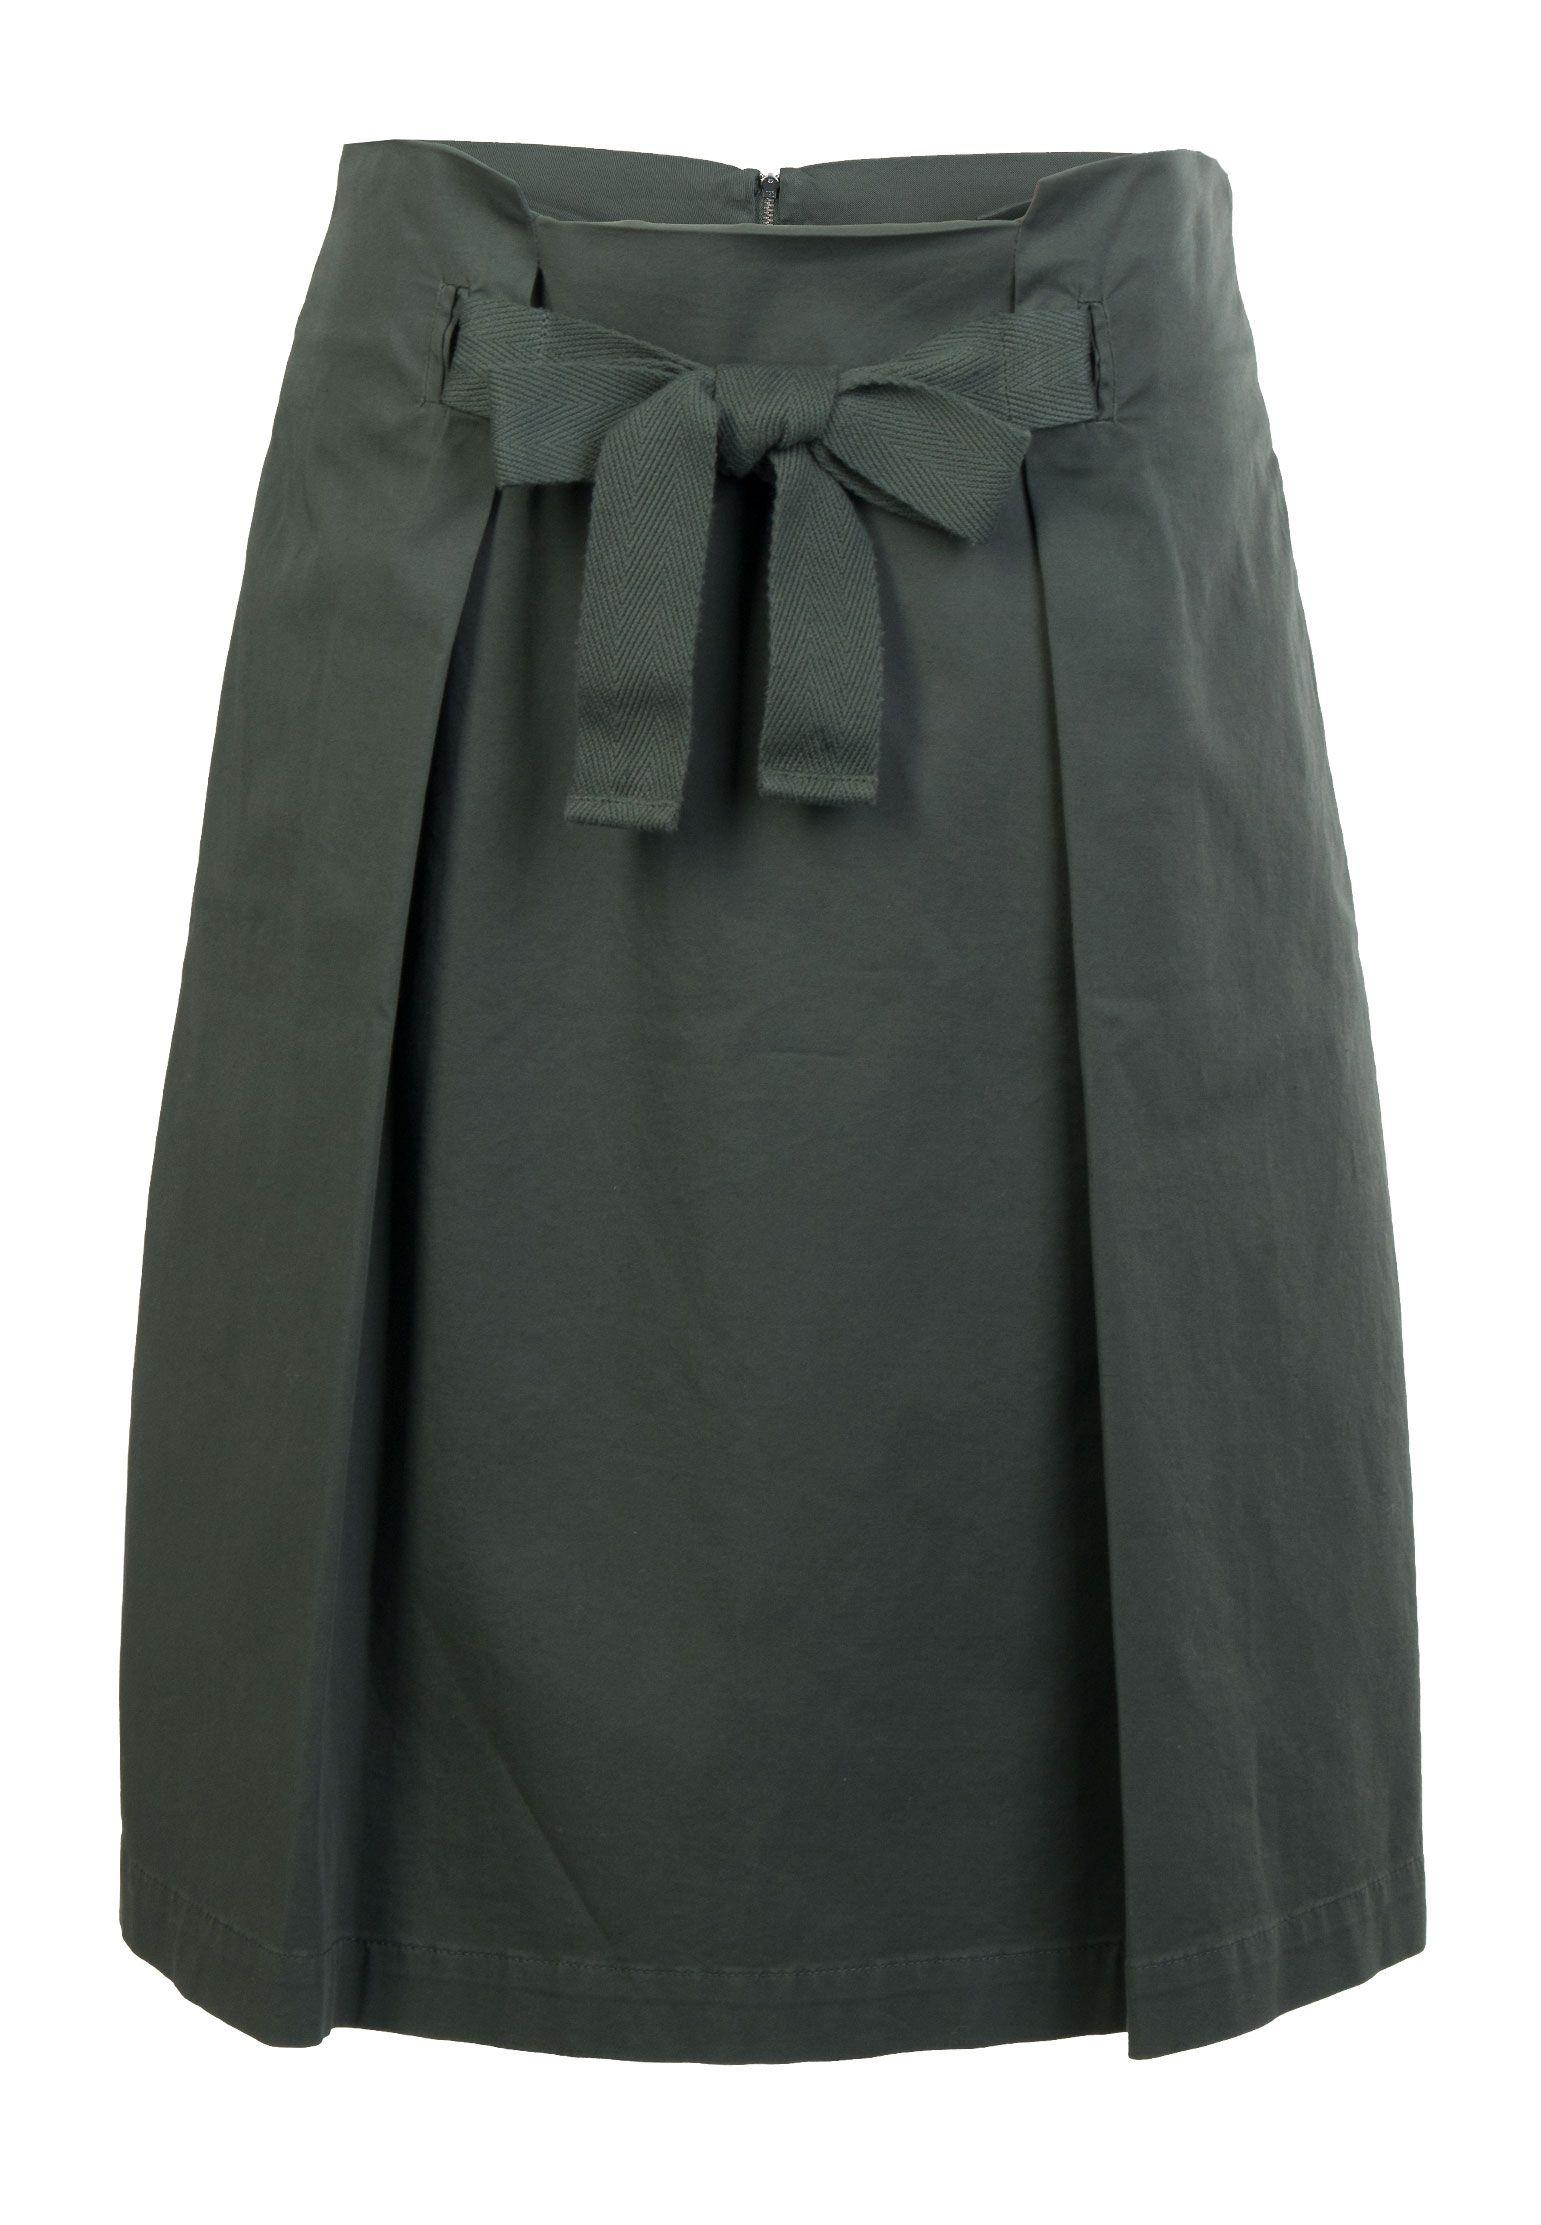 Купить зеленую юбку в интернет-магазине